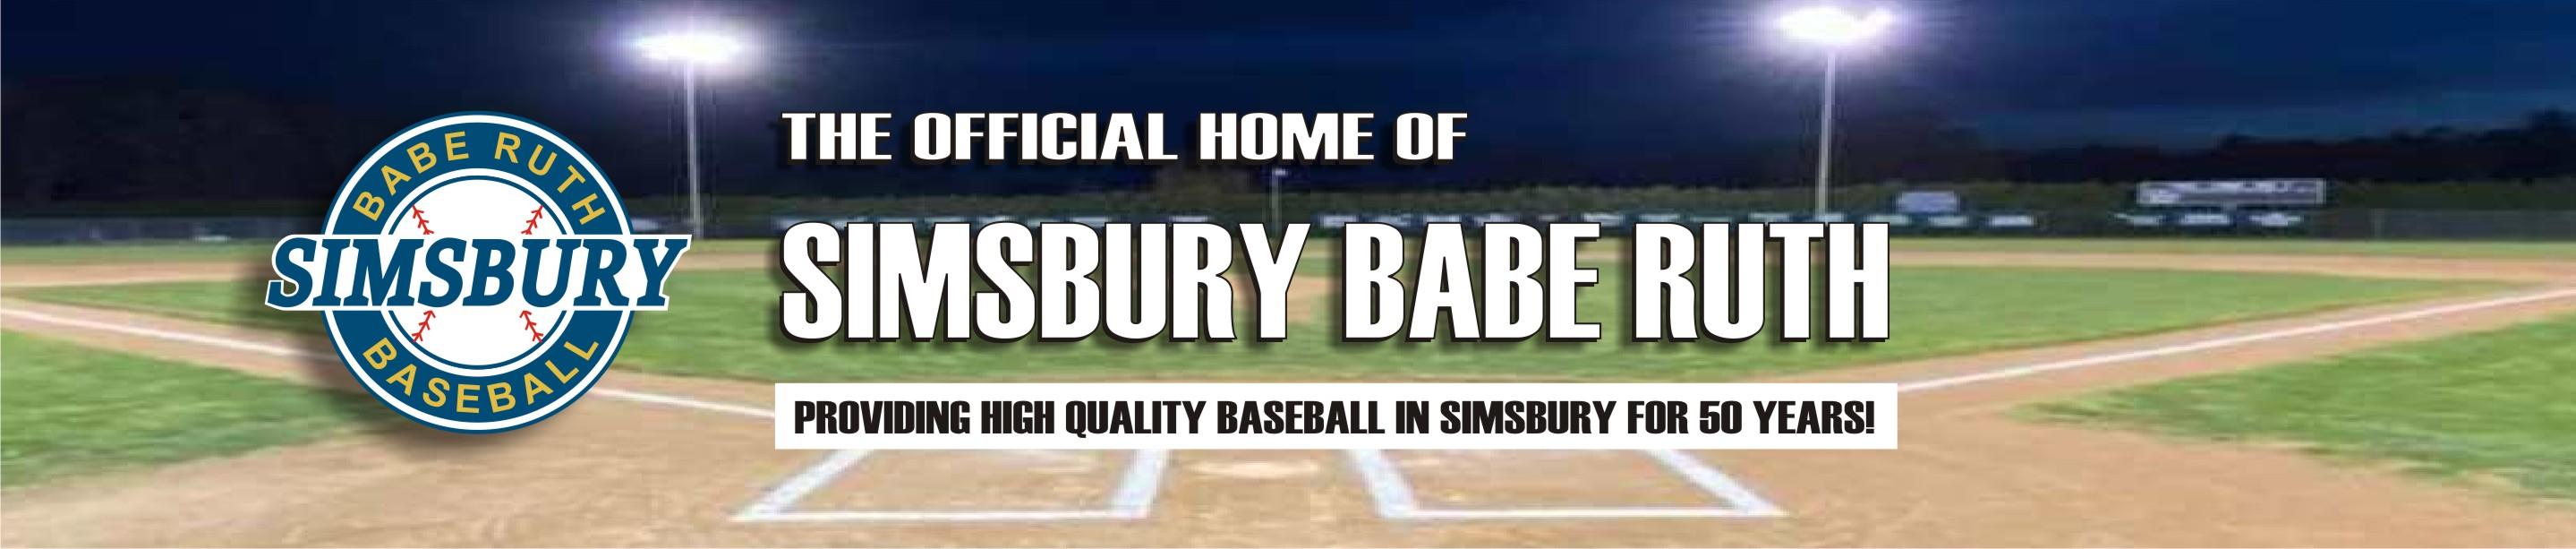 Simsbury Babe Ruth , Baseball, Run, Baseball Field